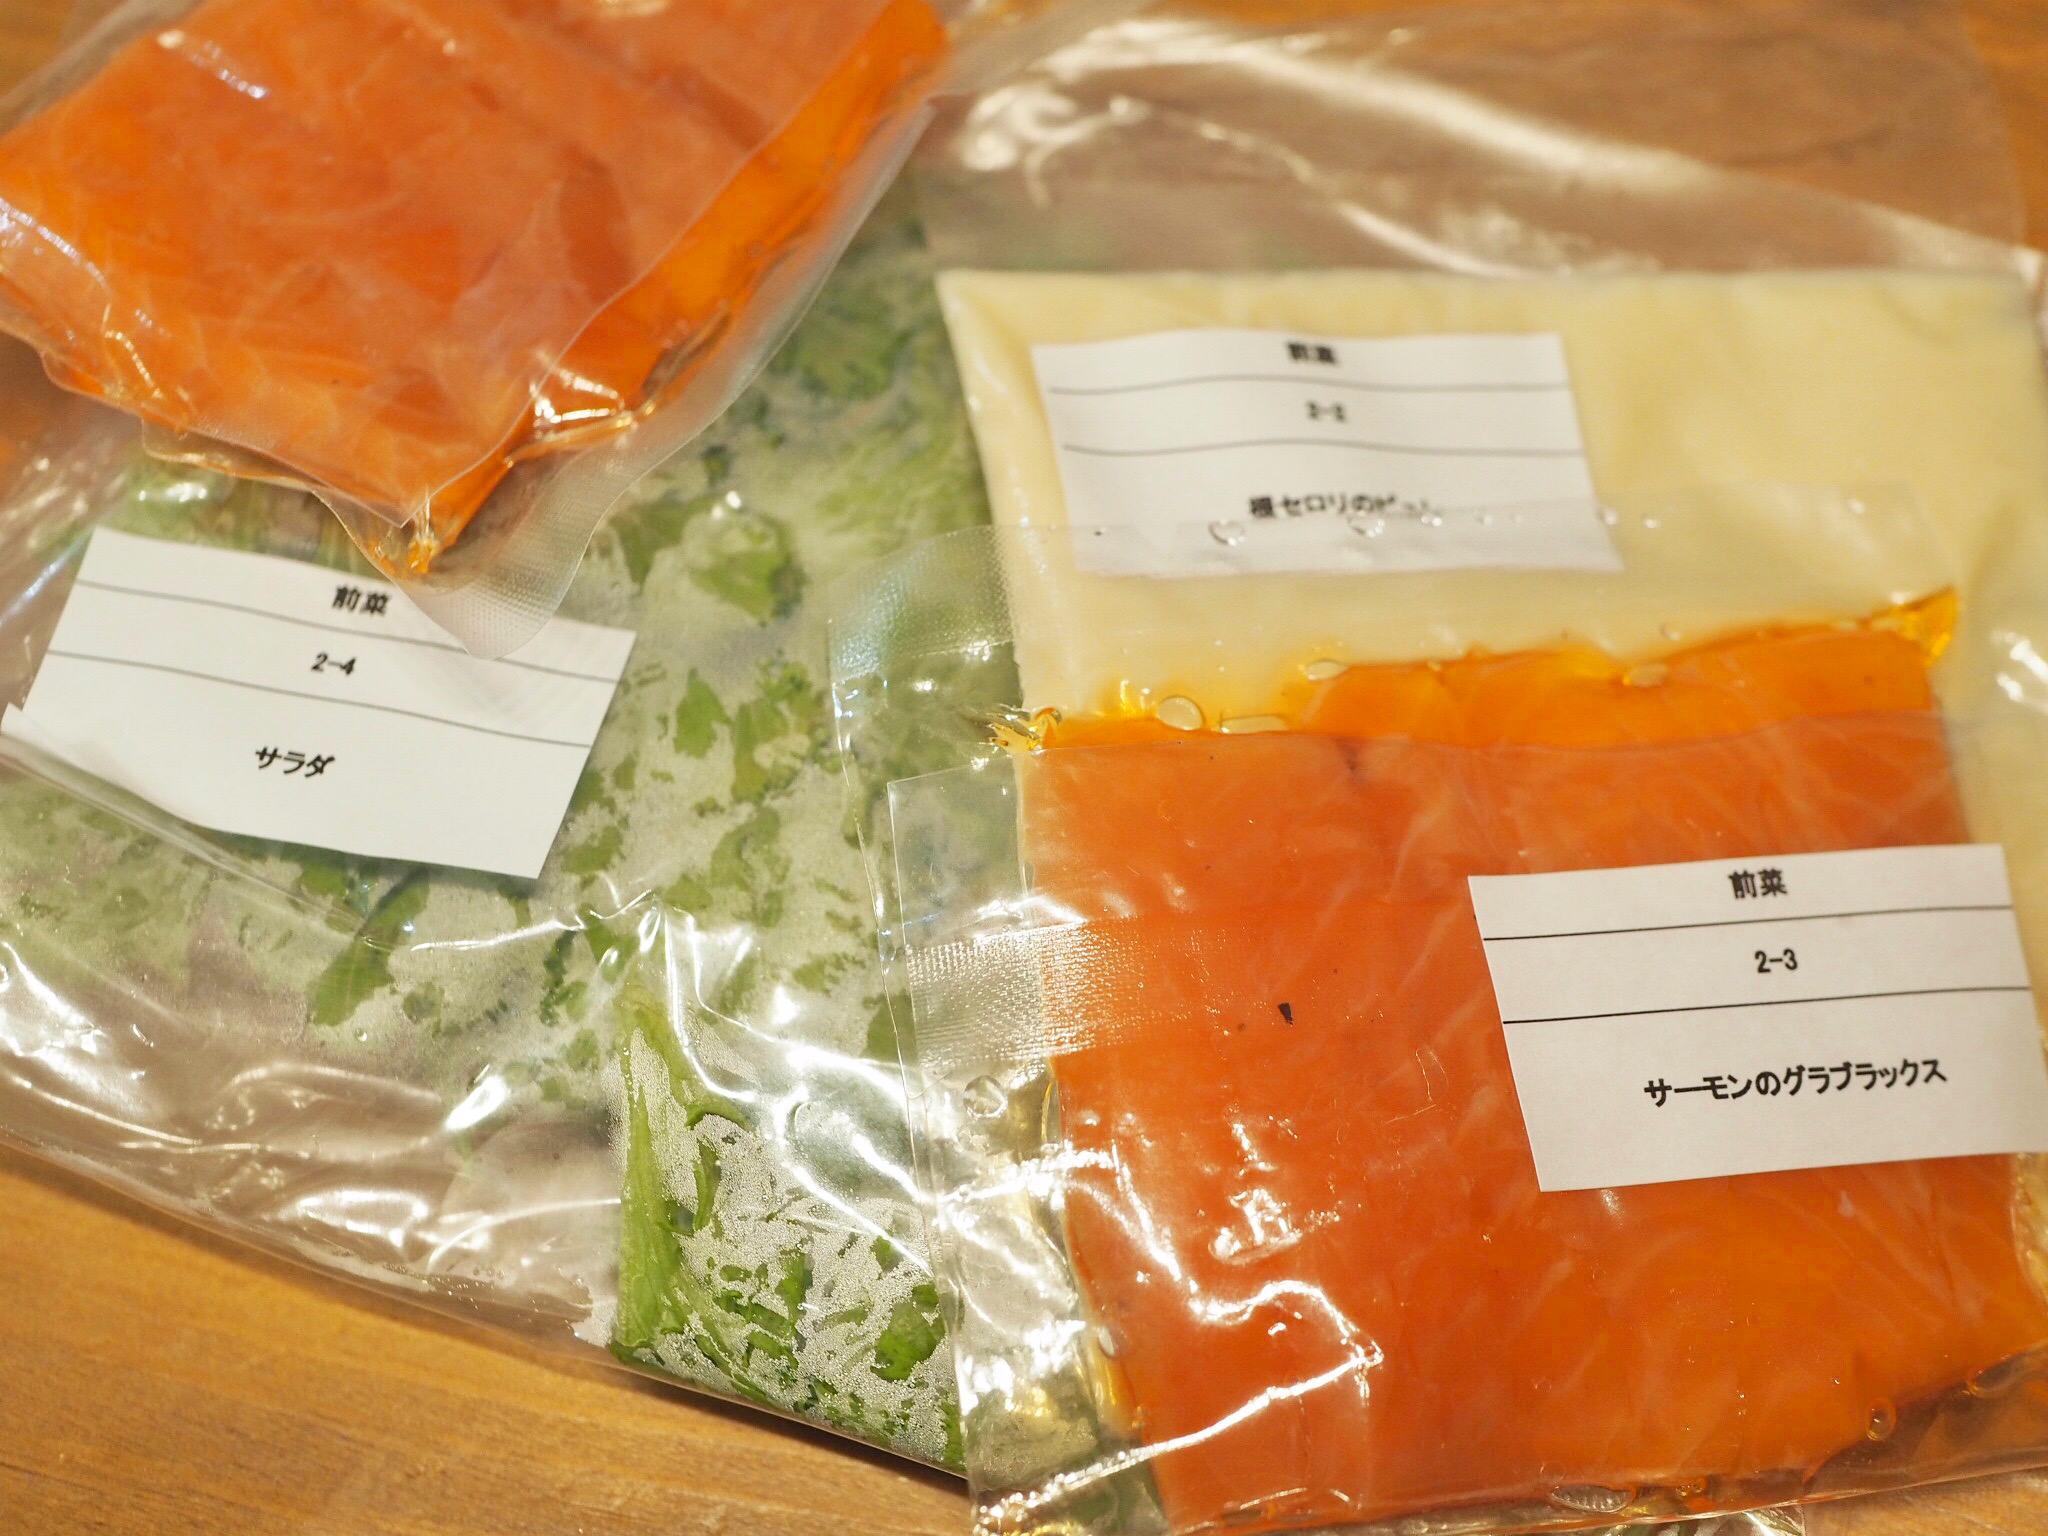 【#IWAIのお祝いご飯便】記念日におうちで本格コース料理!今だからこそのお祝いの時間♡_5